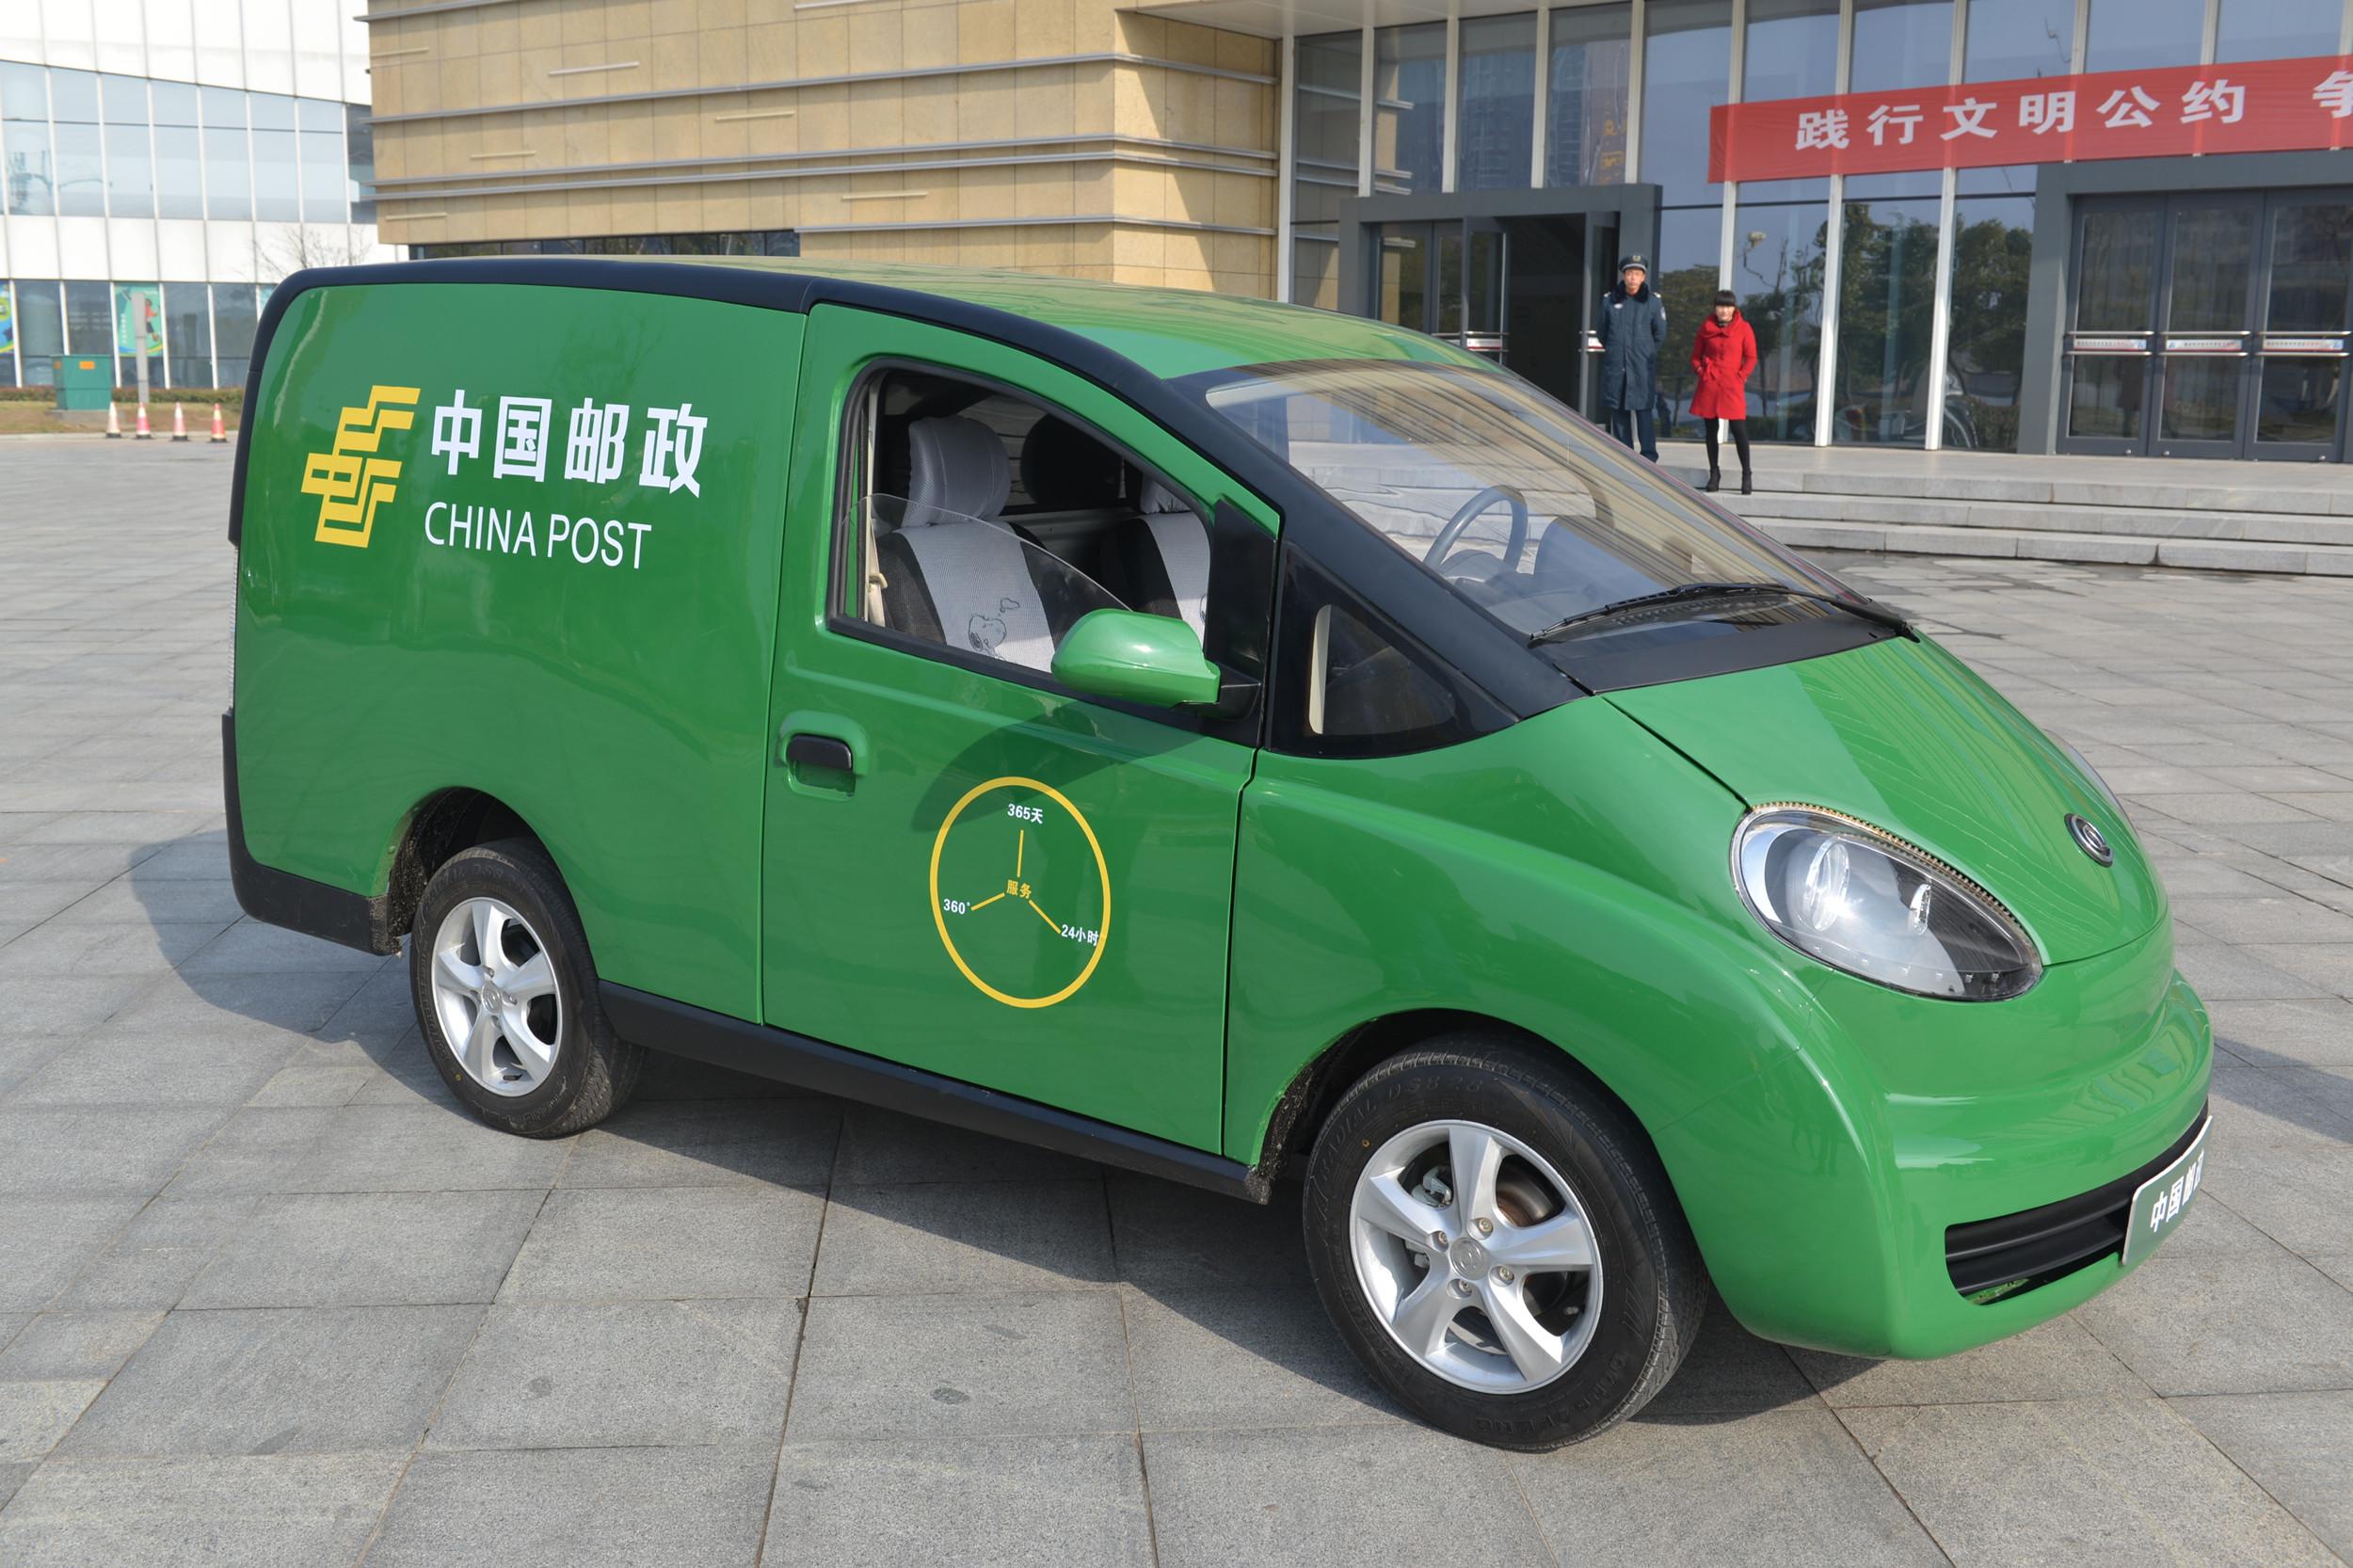 邮政新增投递车将全改新能源 正式启动绿色邮政行动